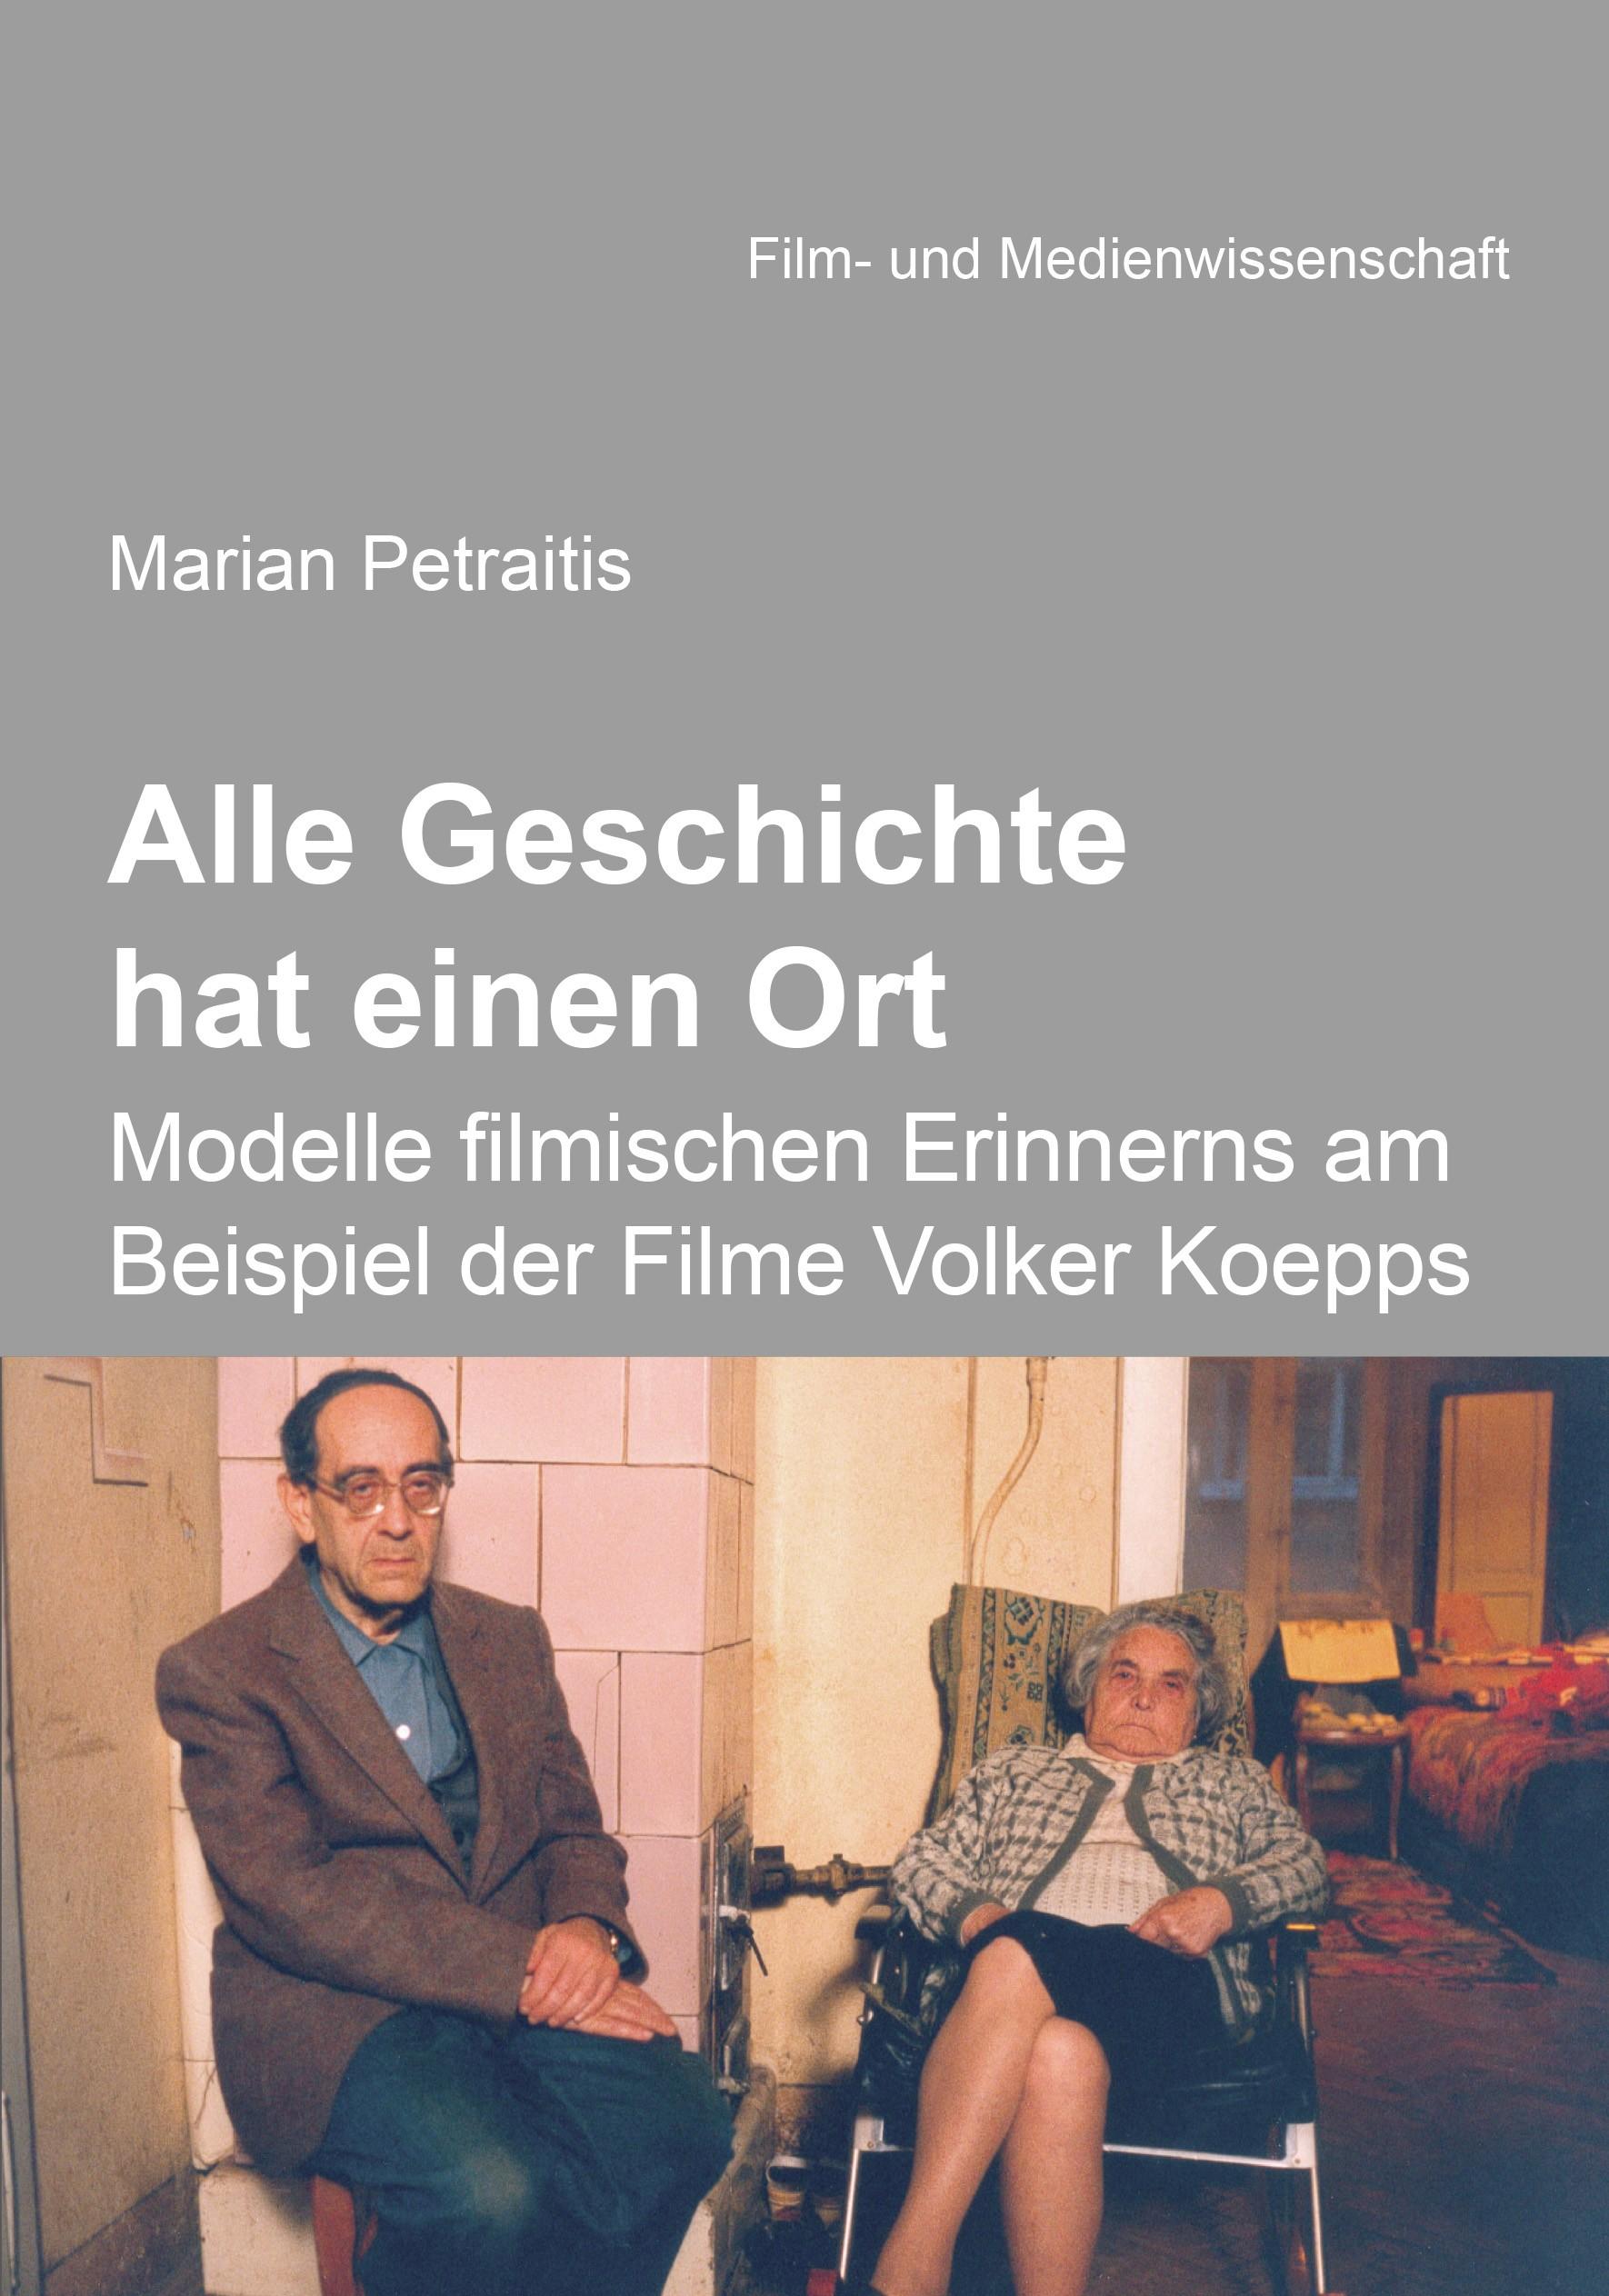 Alle Geschichte hat einen Ort: Modelle filmischen Erinnerns am Beispiel der Filme Volker Koepps